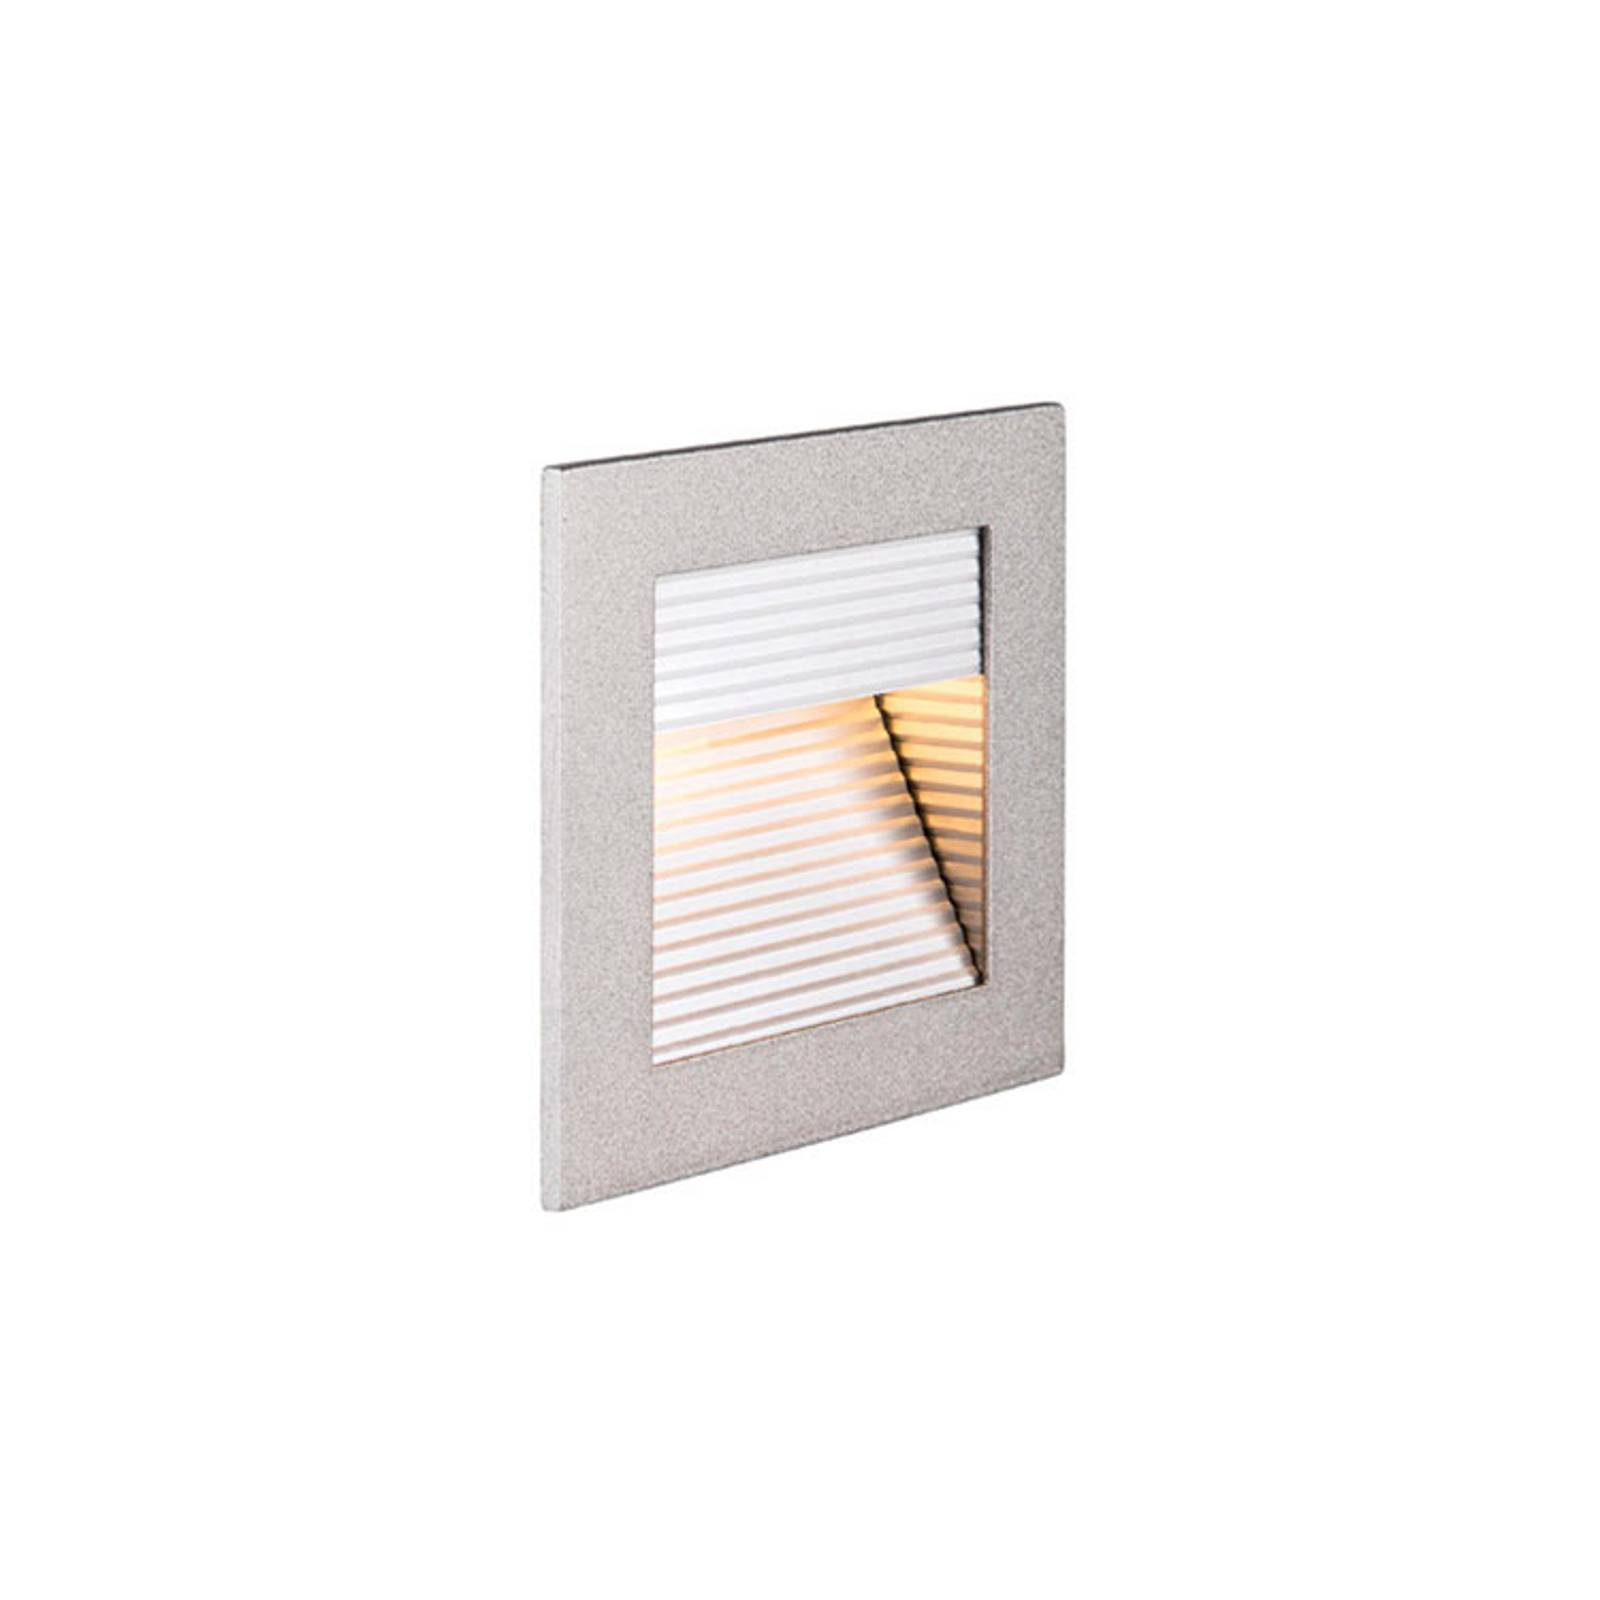 SLV Frame Curve LED-innfellingslampe, sølv